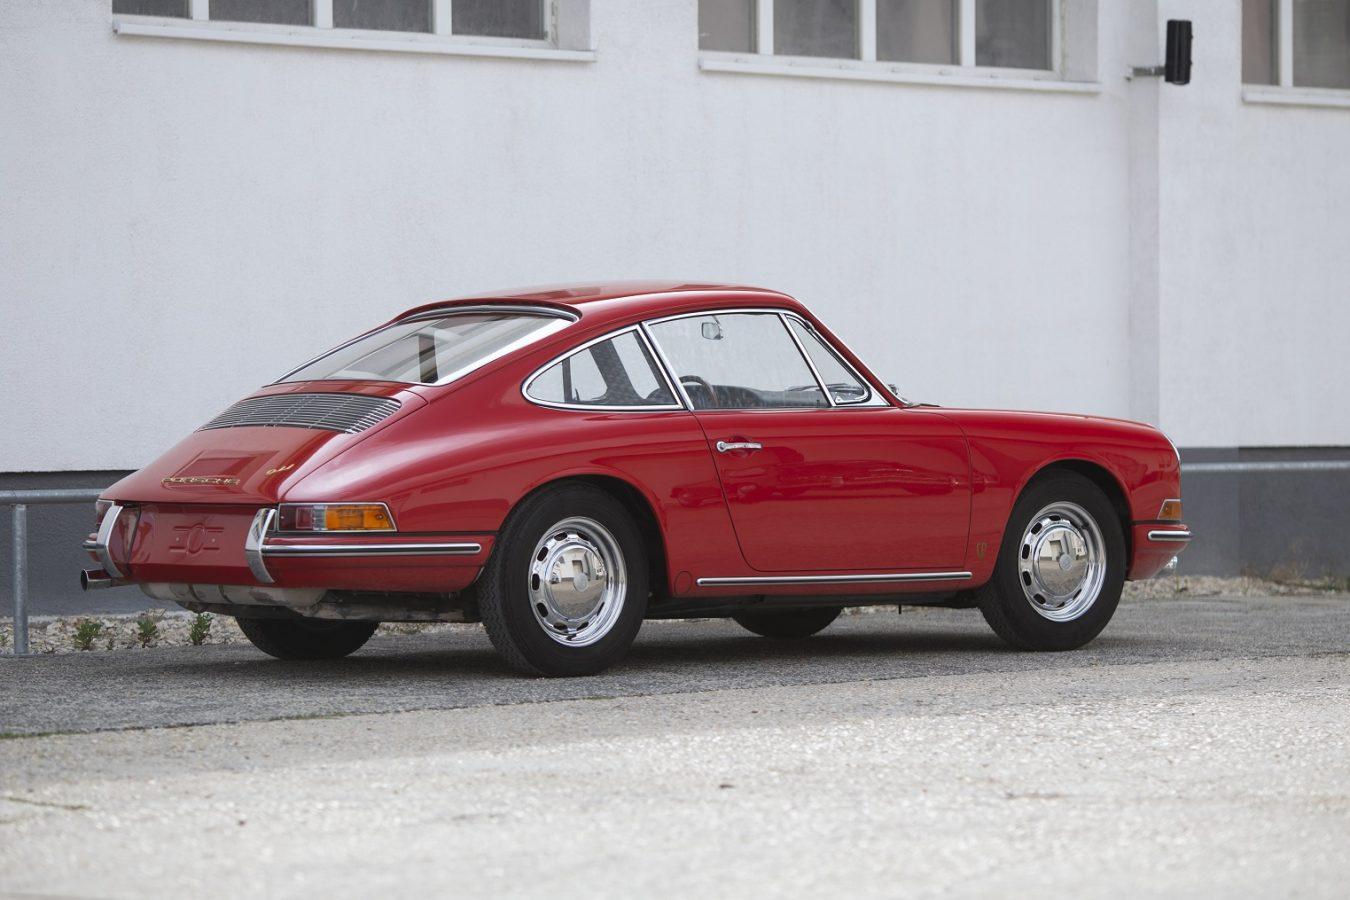 Roter Porsche 911 von hinten